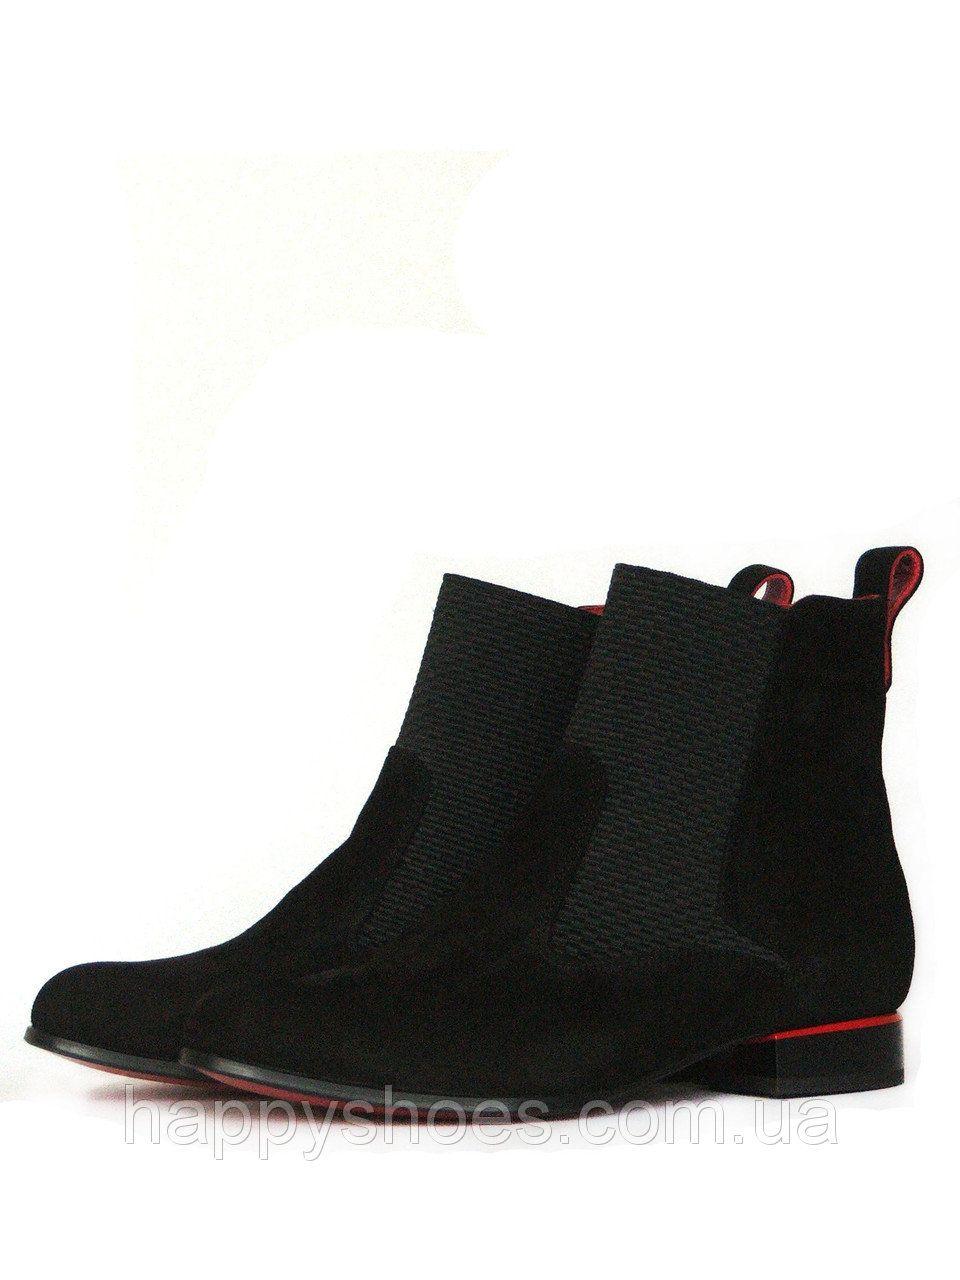 0d25218aa Купить Черные замшевые ботинки женские в Запорожье от компании